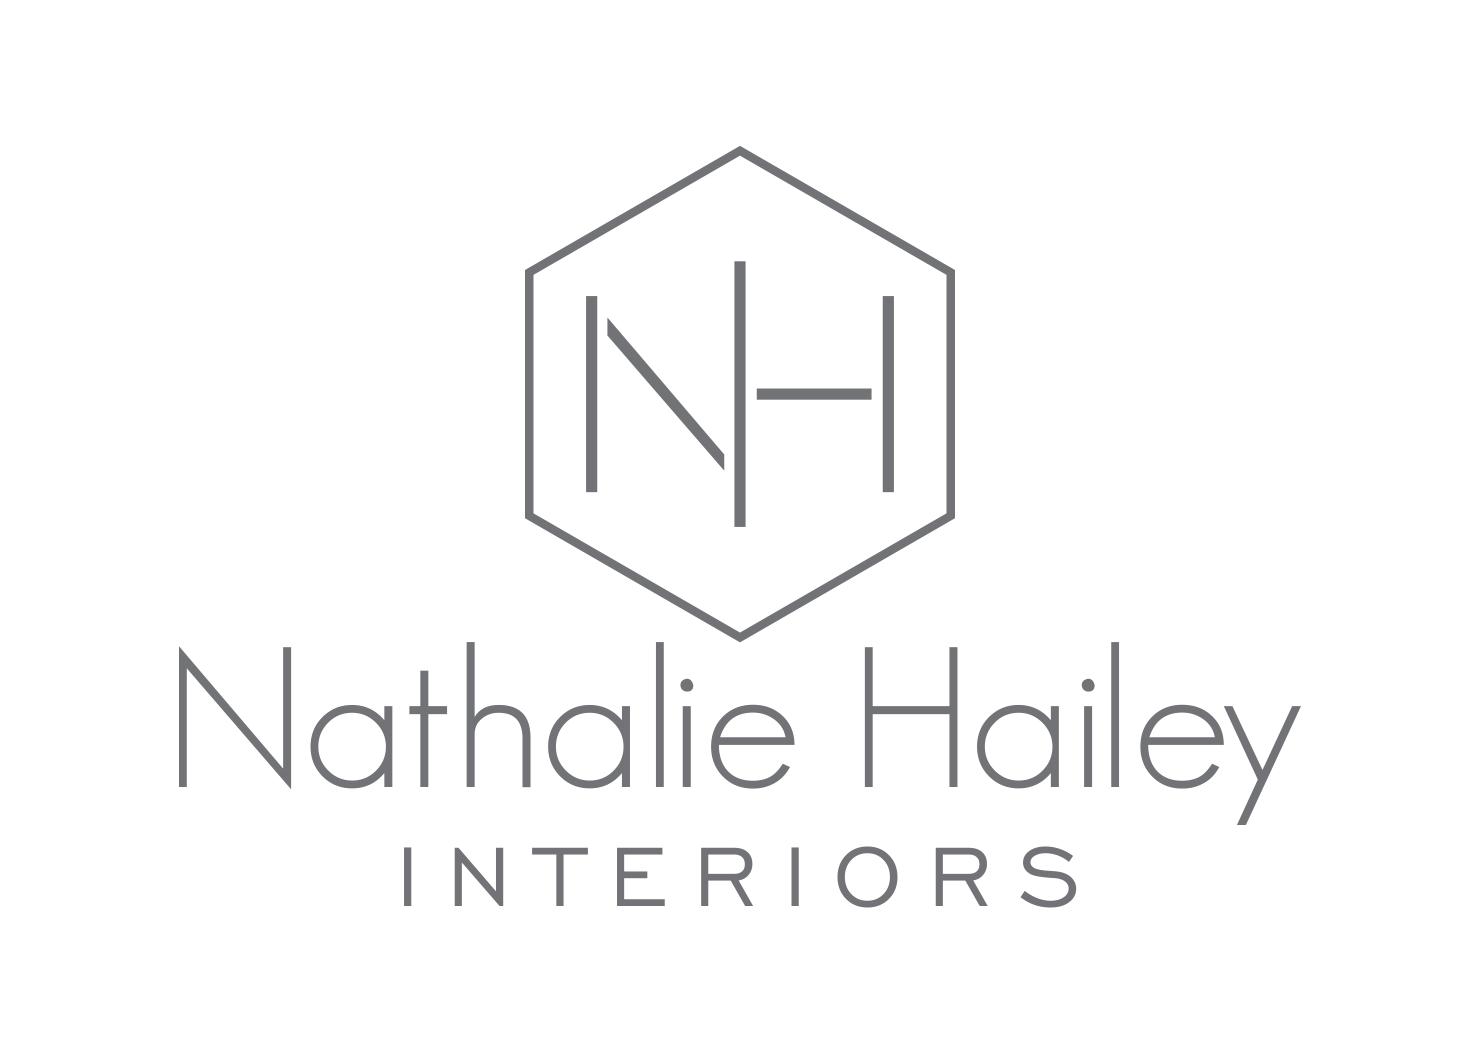 Nathalie Hailey.jpg